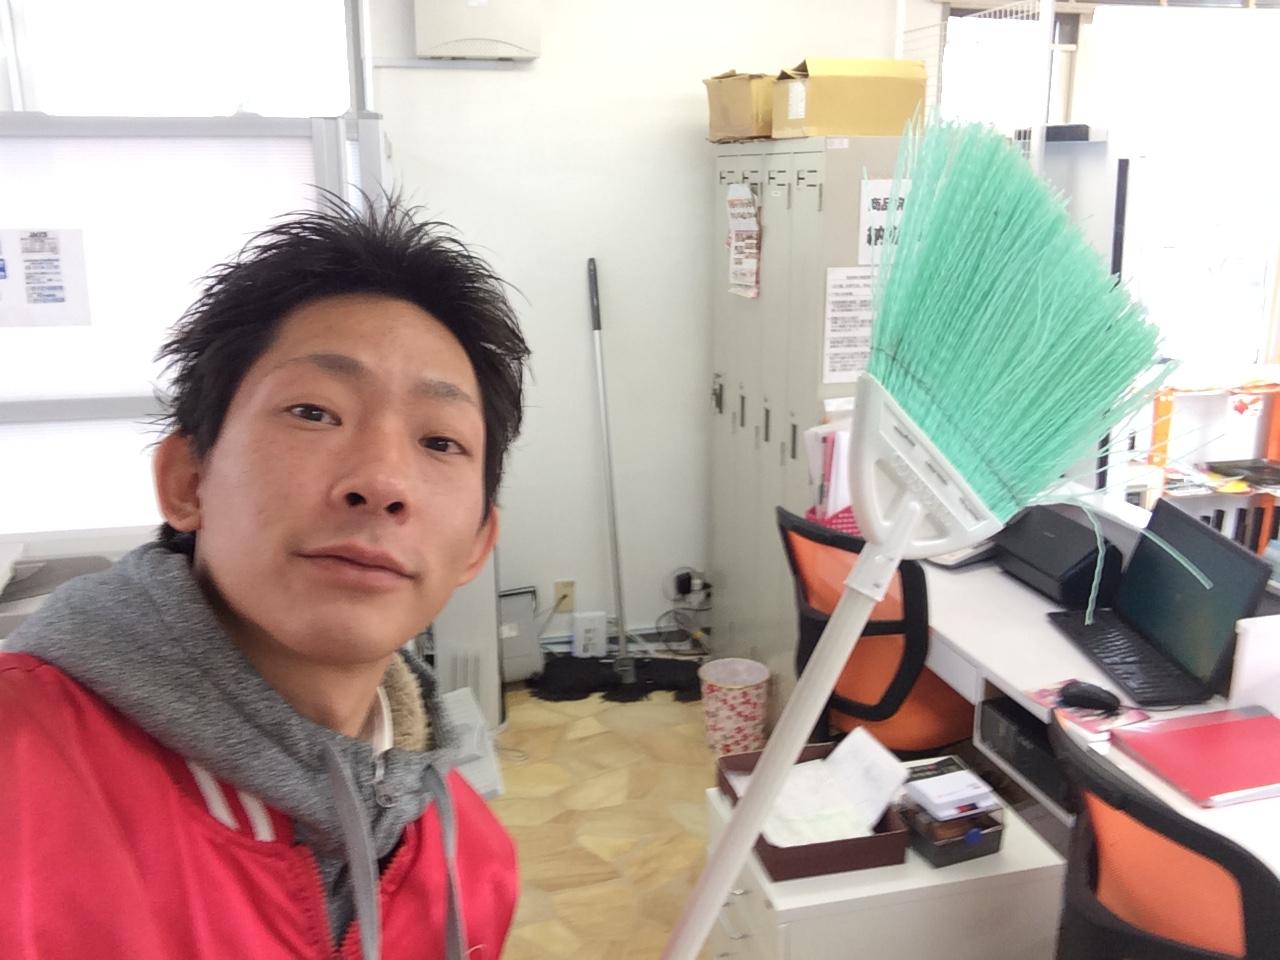 11月7日(金)トミーアウトレット☆グッチーブログ☆軽自動車・_b0127002_20163944.jpg